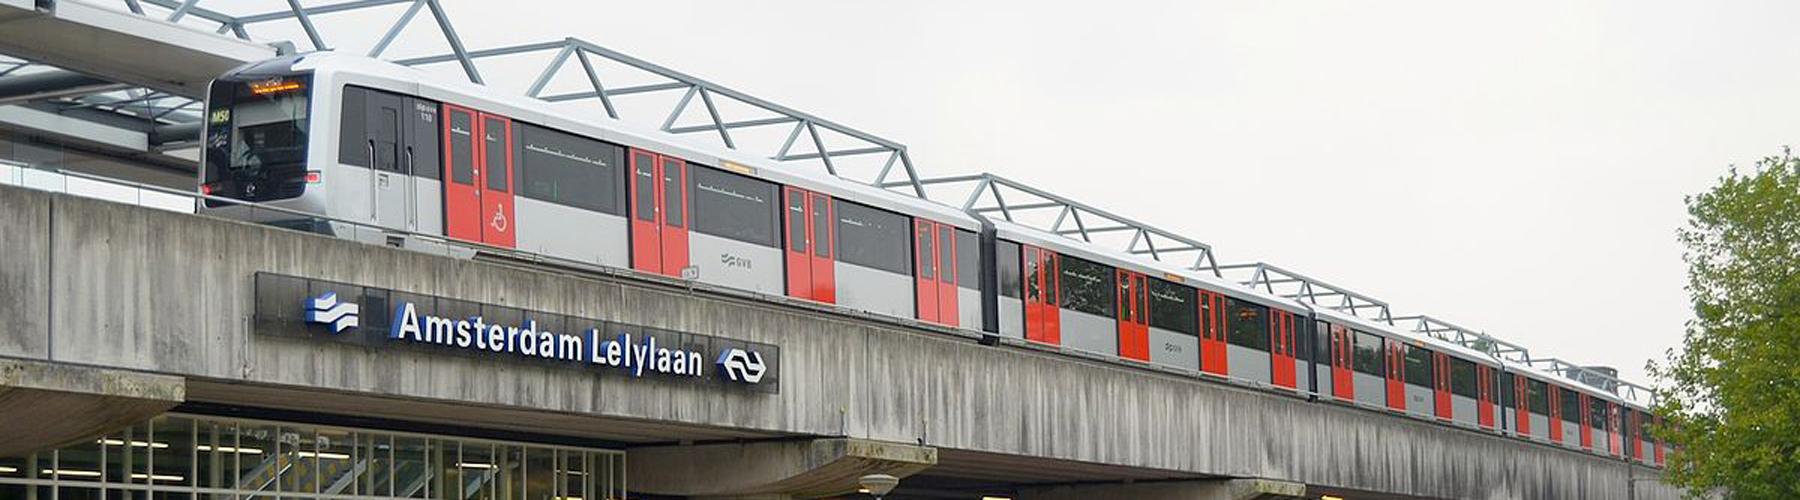 Amsterdam – Hostels in der Nähe von Amsterdam Lelylaan Bahnhof. Amsterdam auf der Karte. Fotos und Bewertungen für jedes Hostel in Amsterdam.